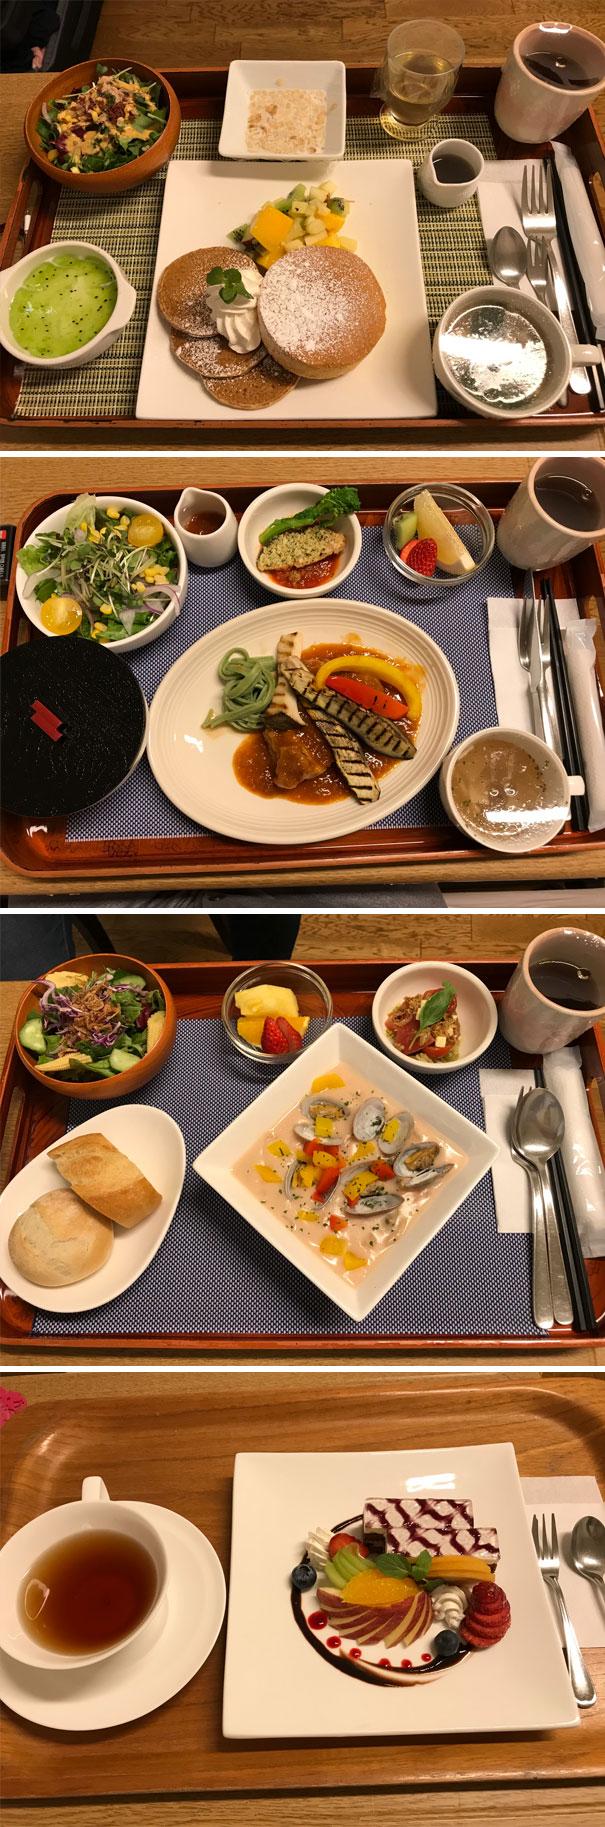 7 - Japanese hospital food.